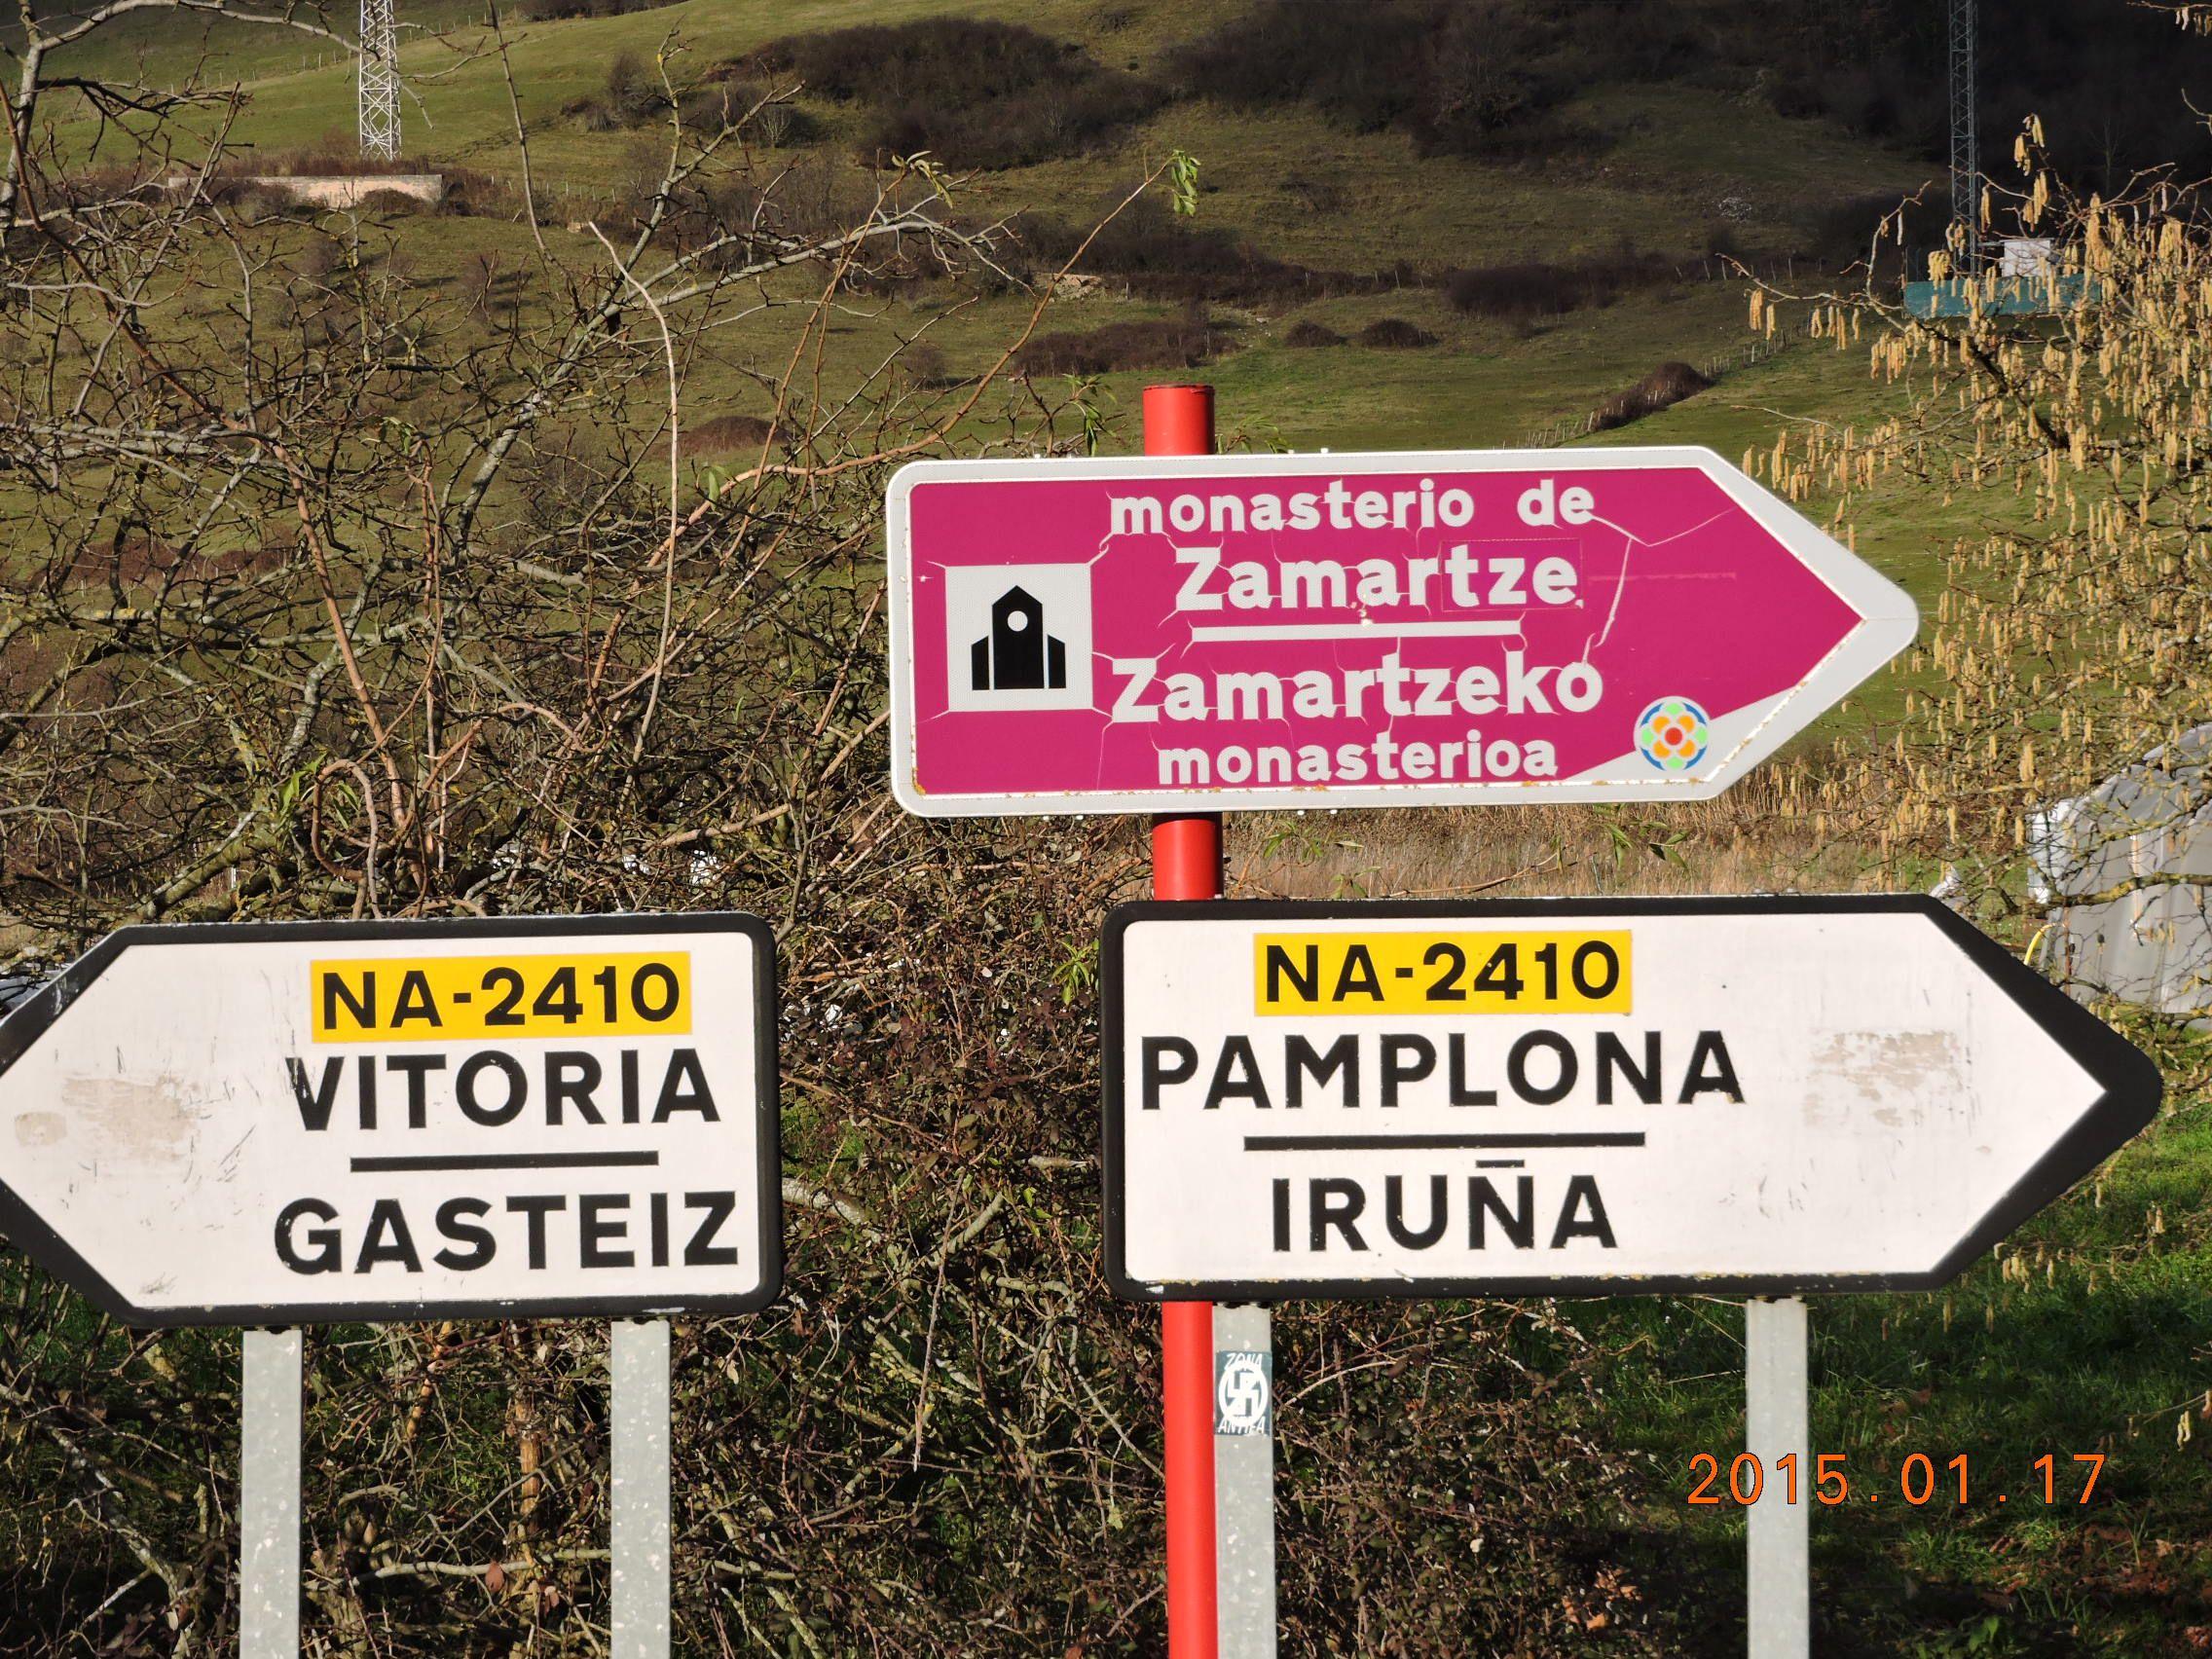 Desde el monasterio de Zamartze al Santuario de Aralar, por el Camino de San Miguel.